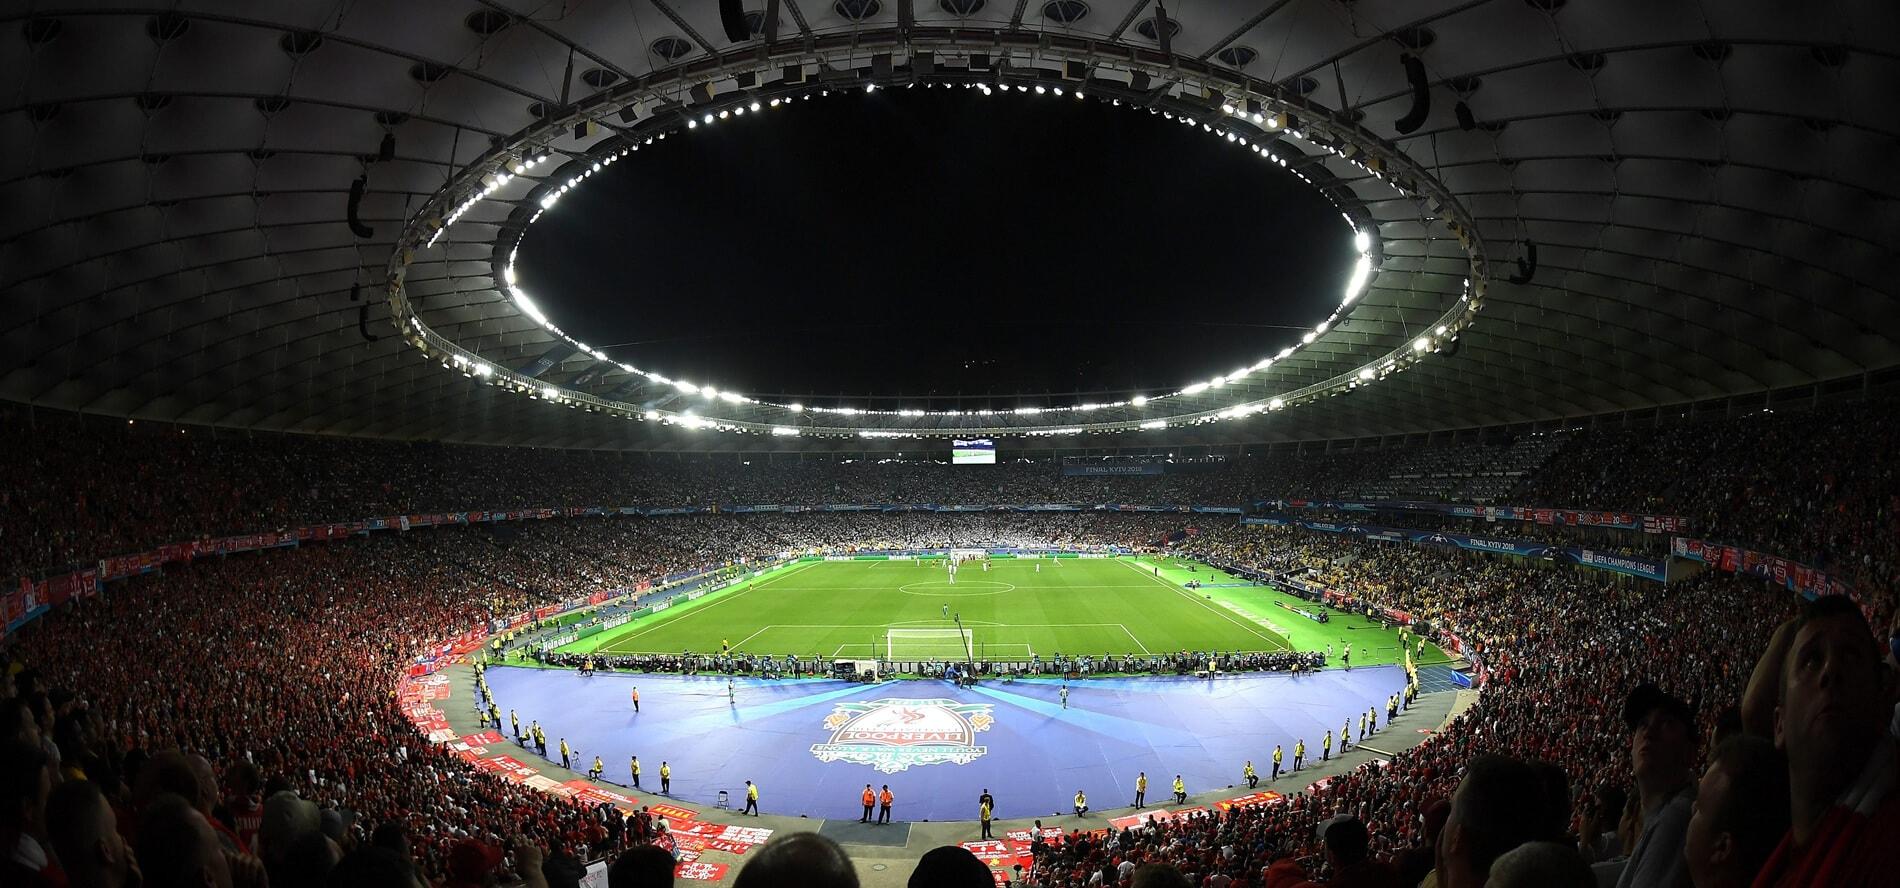 Facebook transmitirá los partidos de la UEFA